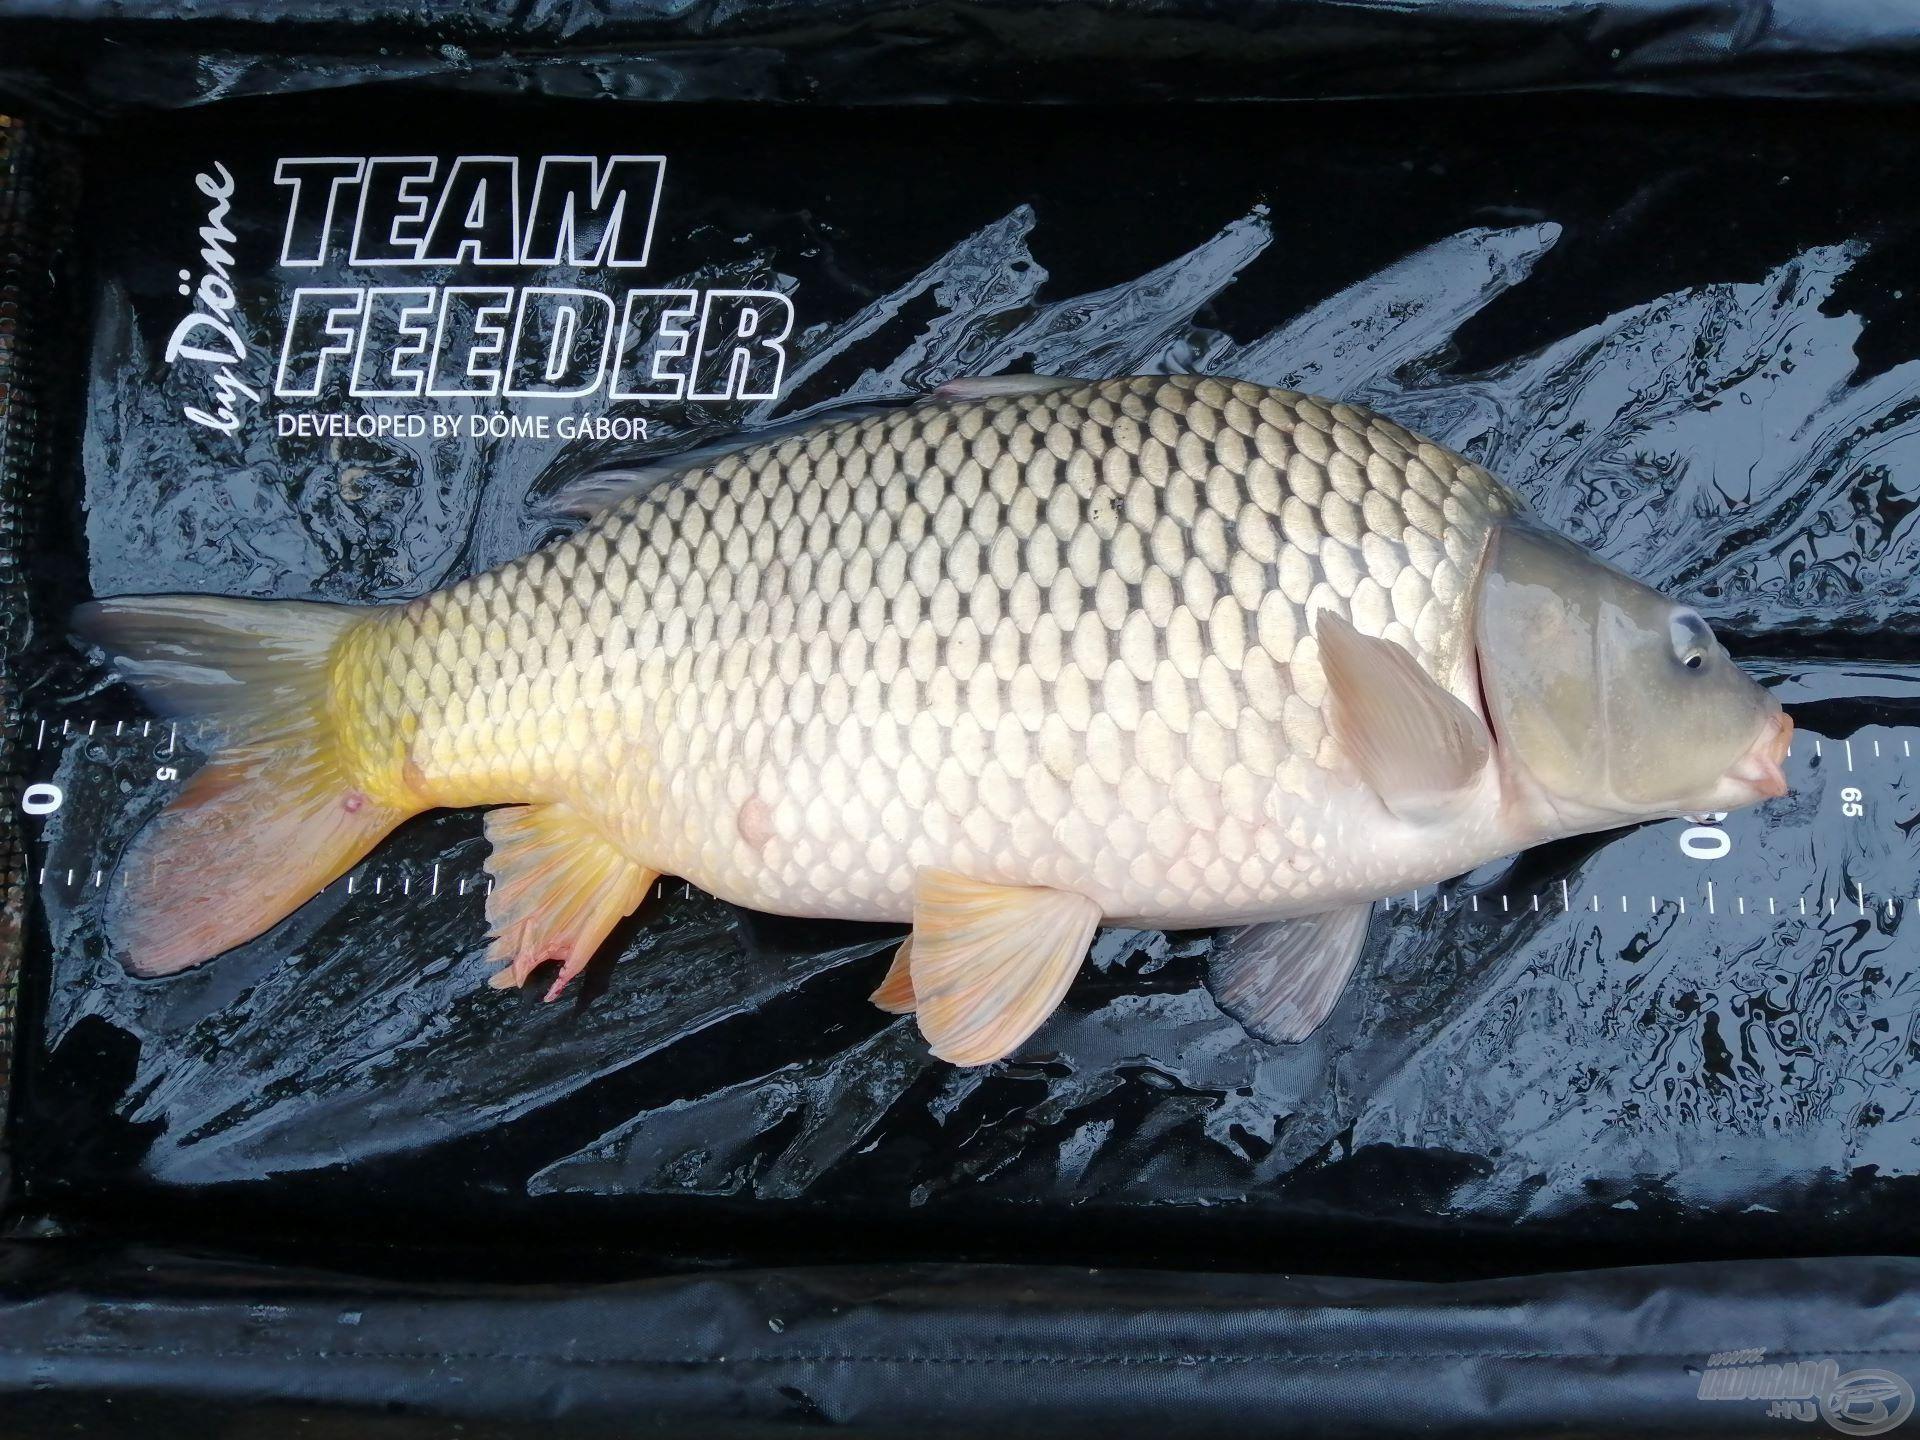 Ezek a pocakosabb, darabosabb halak kárpótoltak mindenért